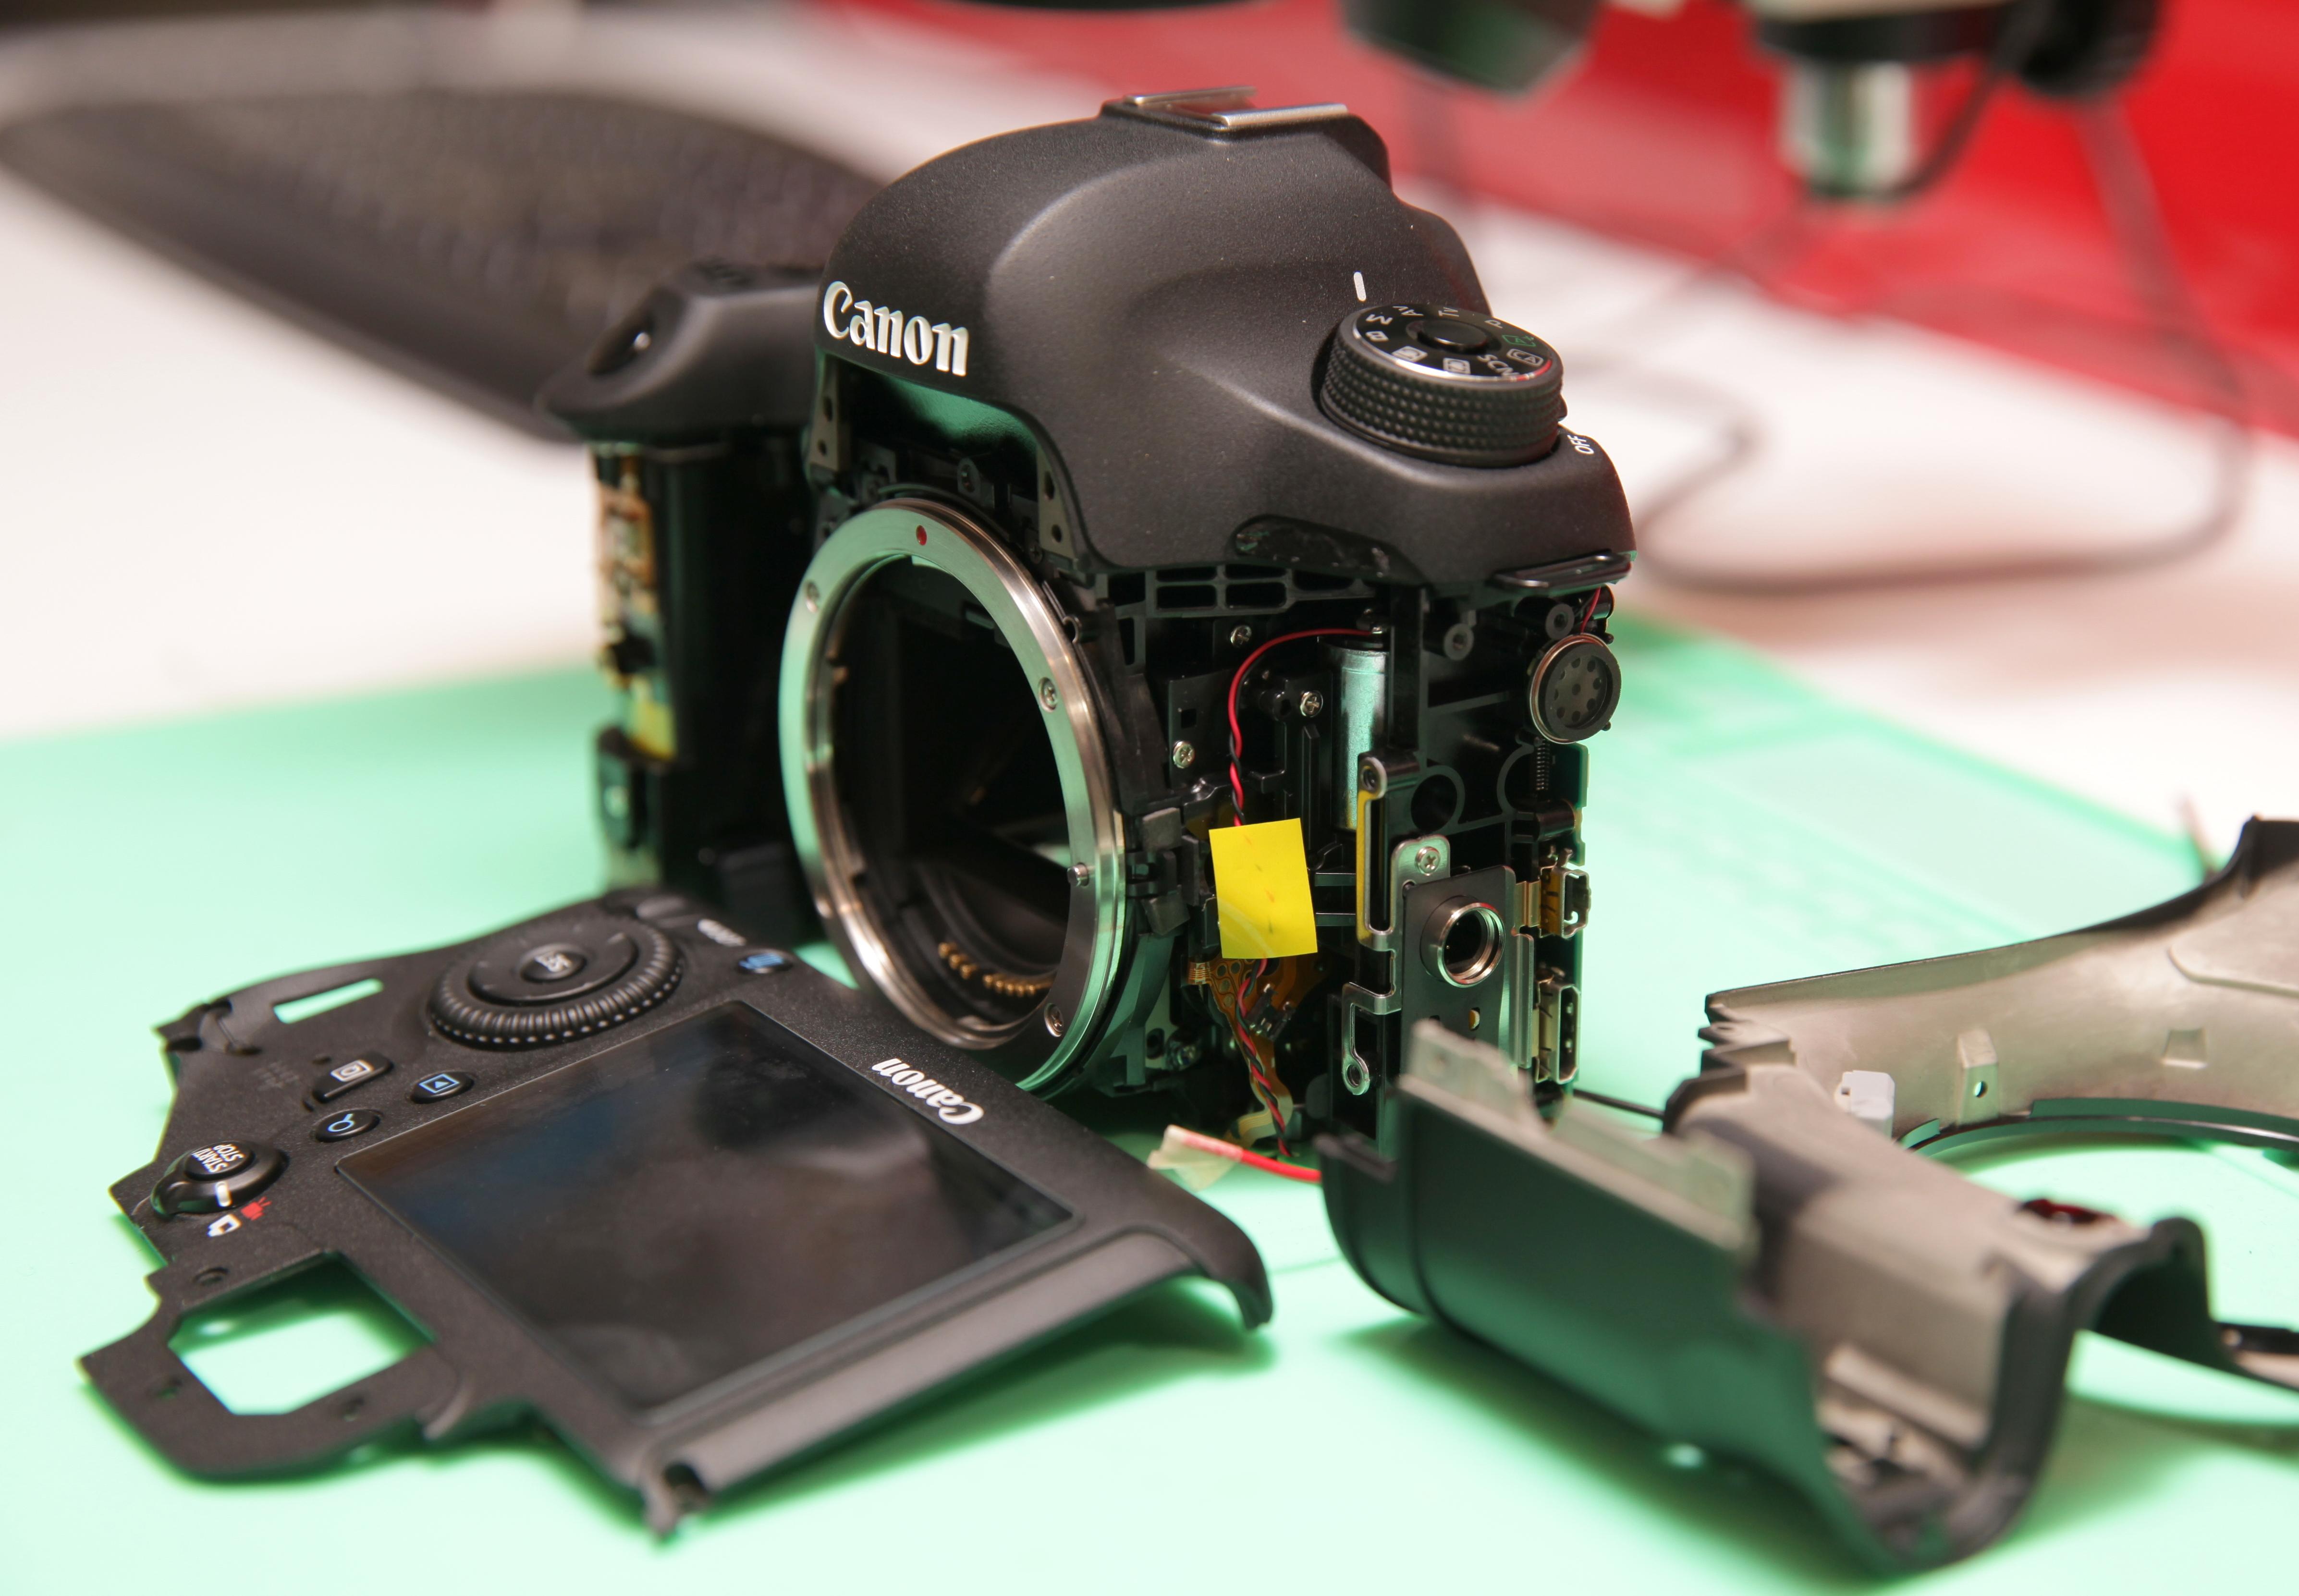 ремонт цифровых фотоаппаратов в москве черно-белой фотографии